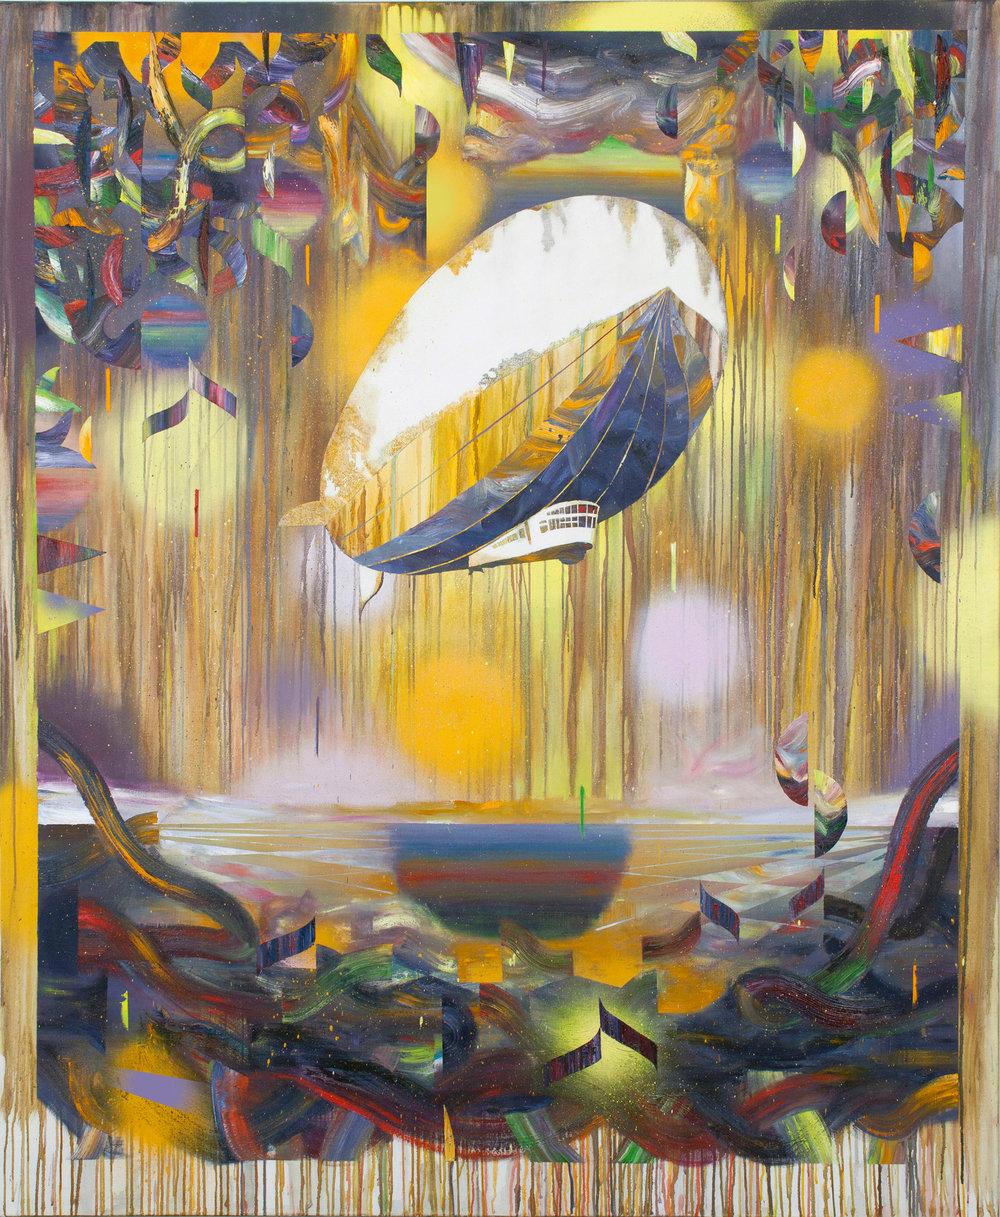 Es zieht vorbei  oil on canvas 200 x 165 cm, 2018